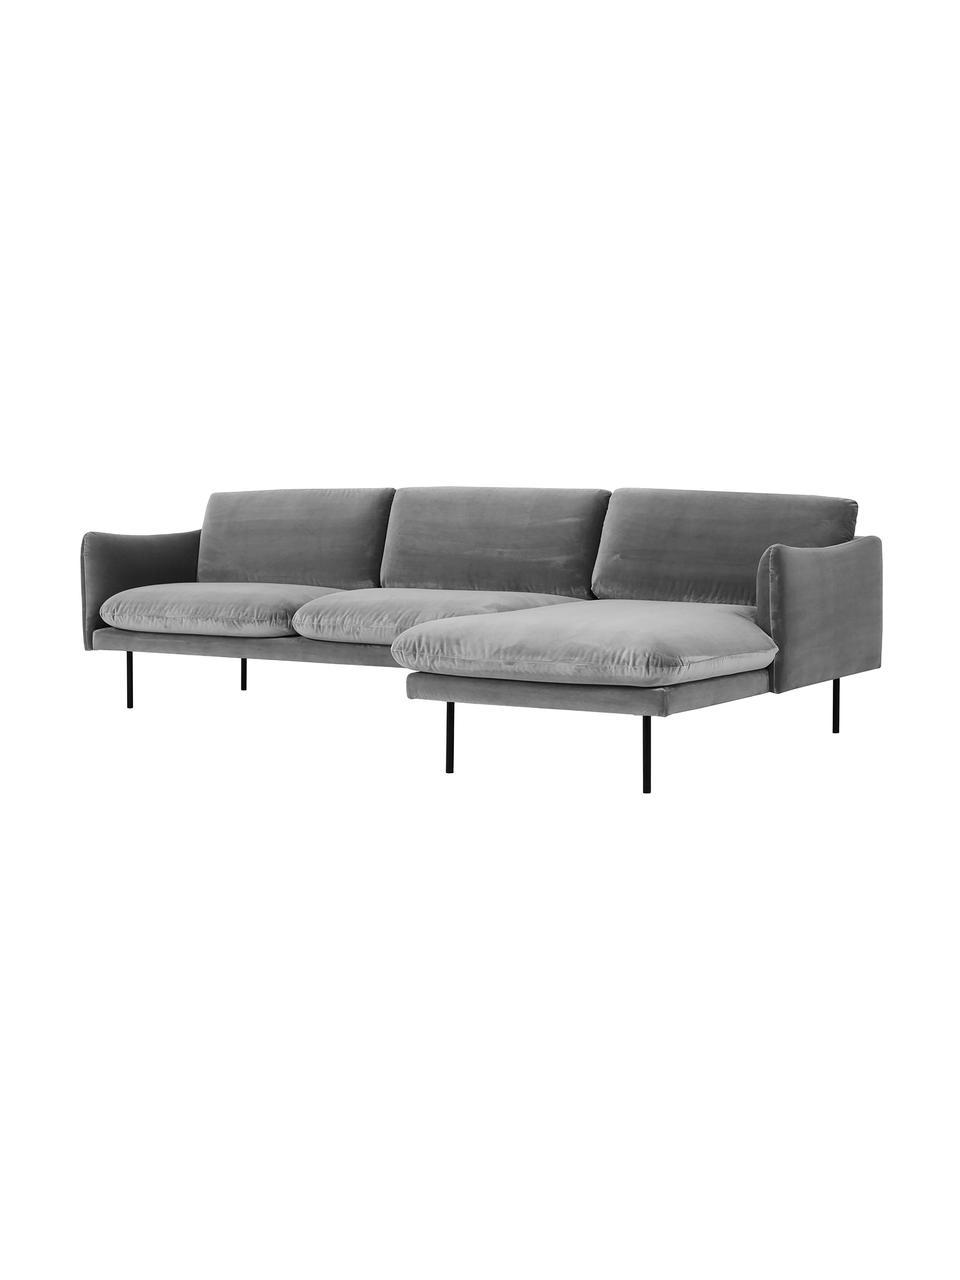 Fluwelen hoekbank Moby in grijs met metalen poten, Bekleding: fluweel (hoogwaardig poly, Frame: massief grenenhout, Poten: gepoedercoat metaal, Fluweel grijs, B 280 x D 160 cm